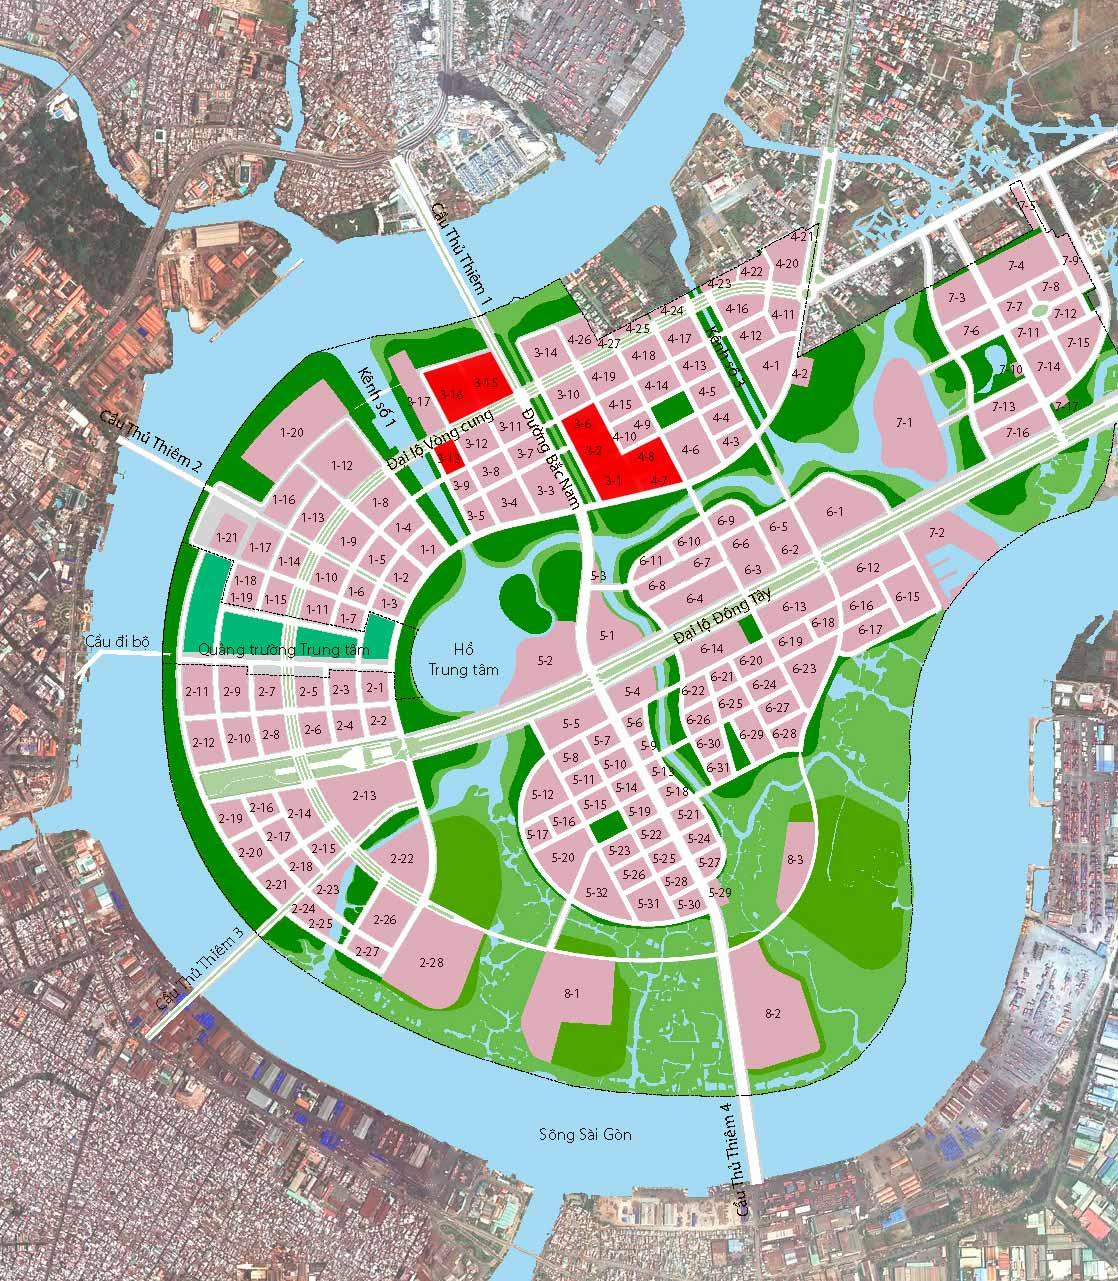 Dự án Thủ Thiêm CII tại khu đô thị Thủ Thiêm Quận 2